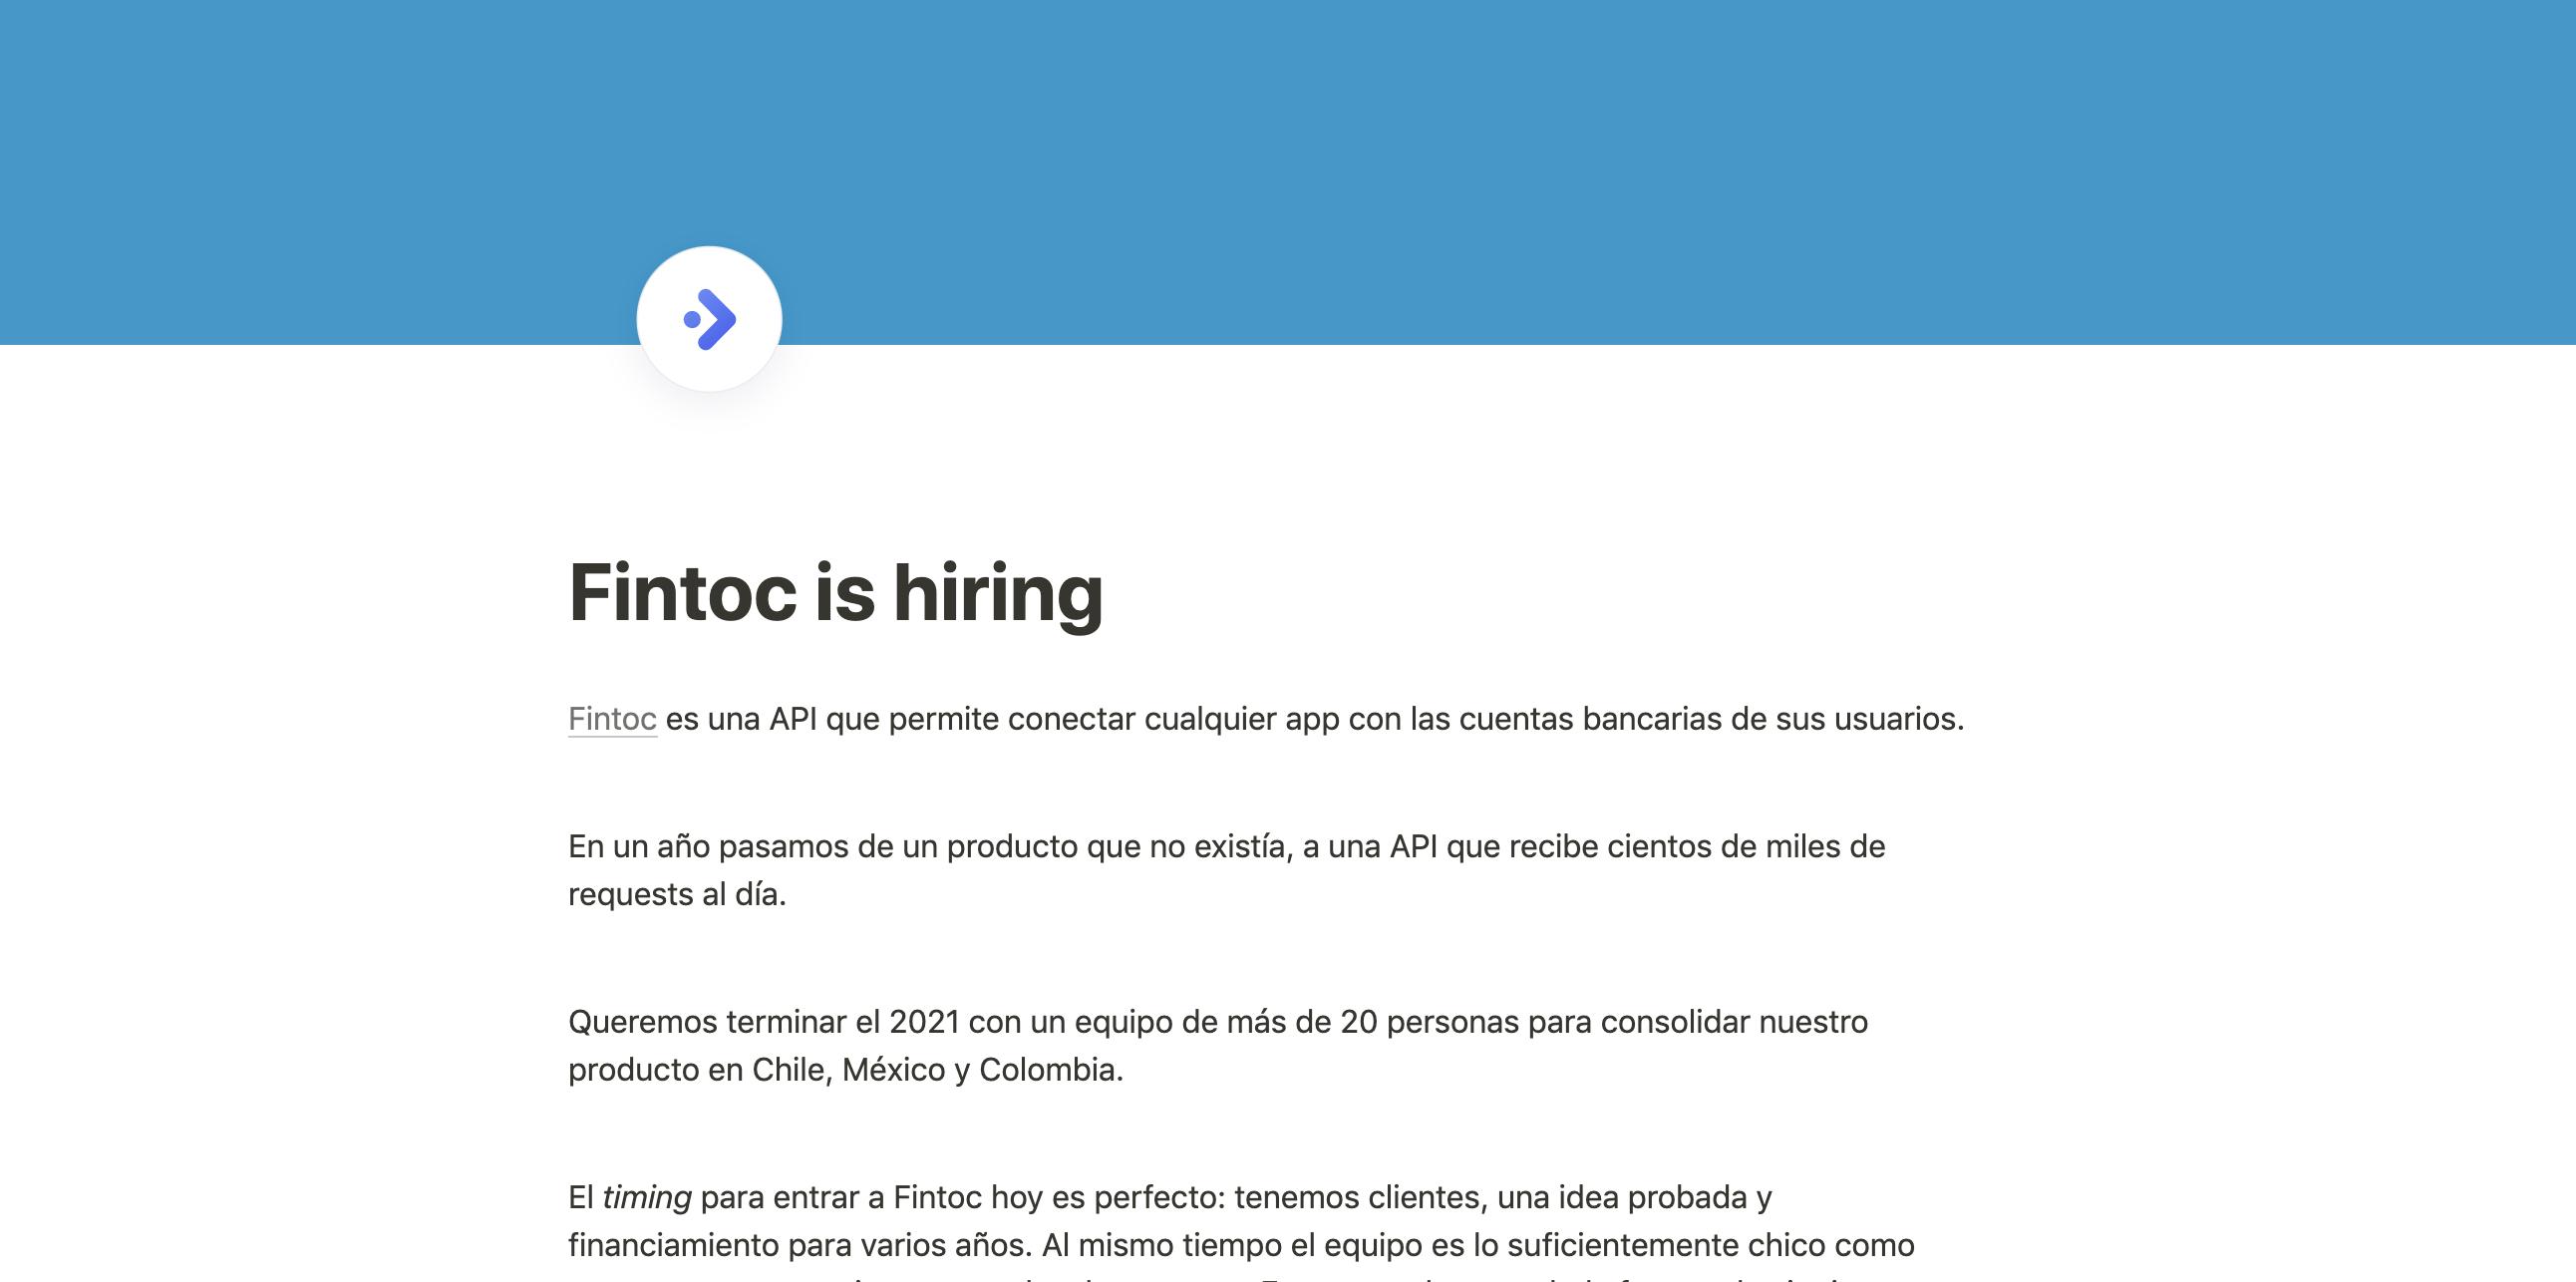 隆Fintoc is hiring!